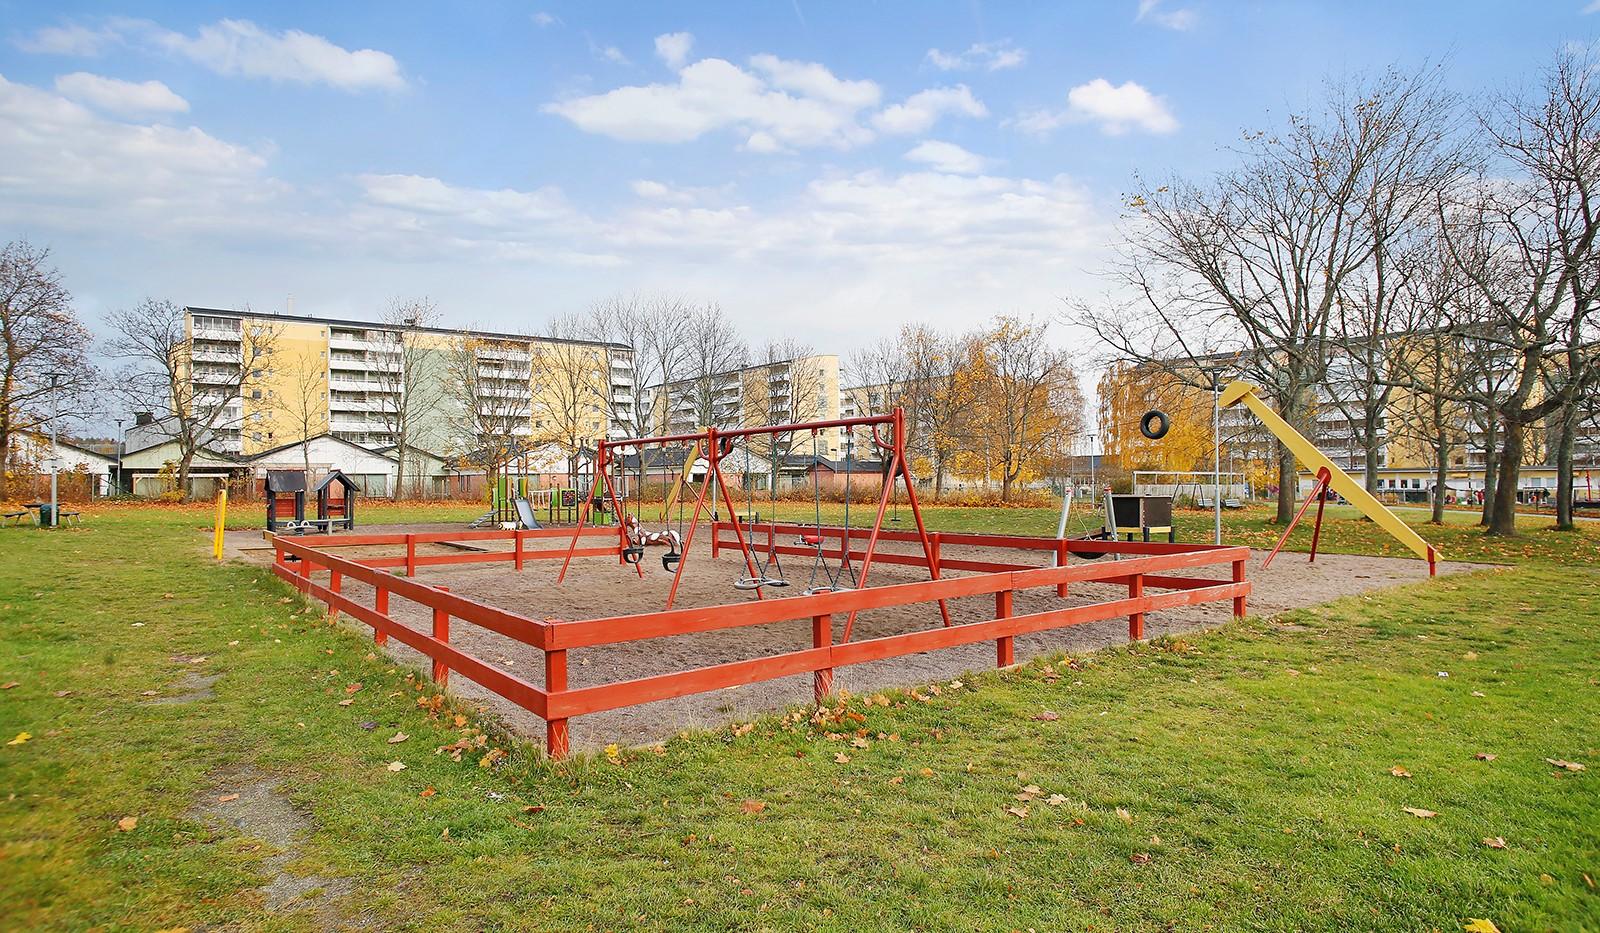 Hampvägen 2, 6tr - Lekplats i närområdet